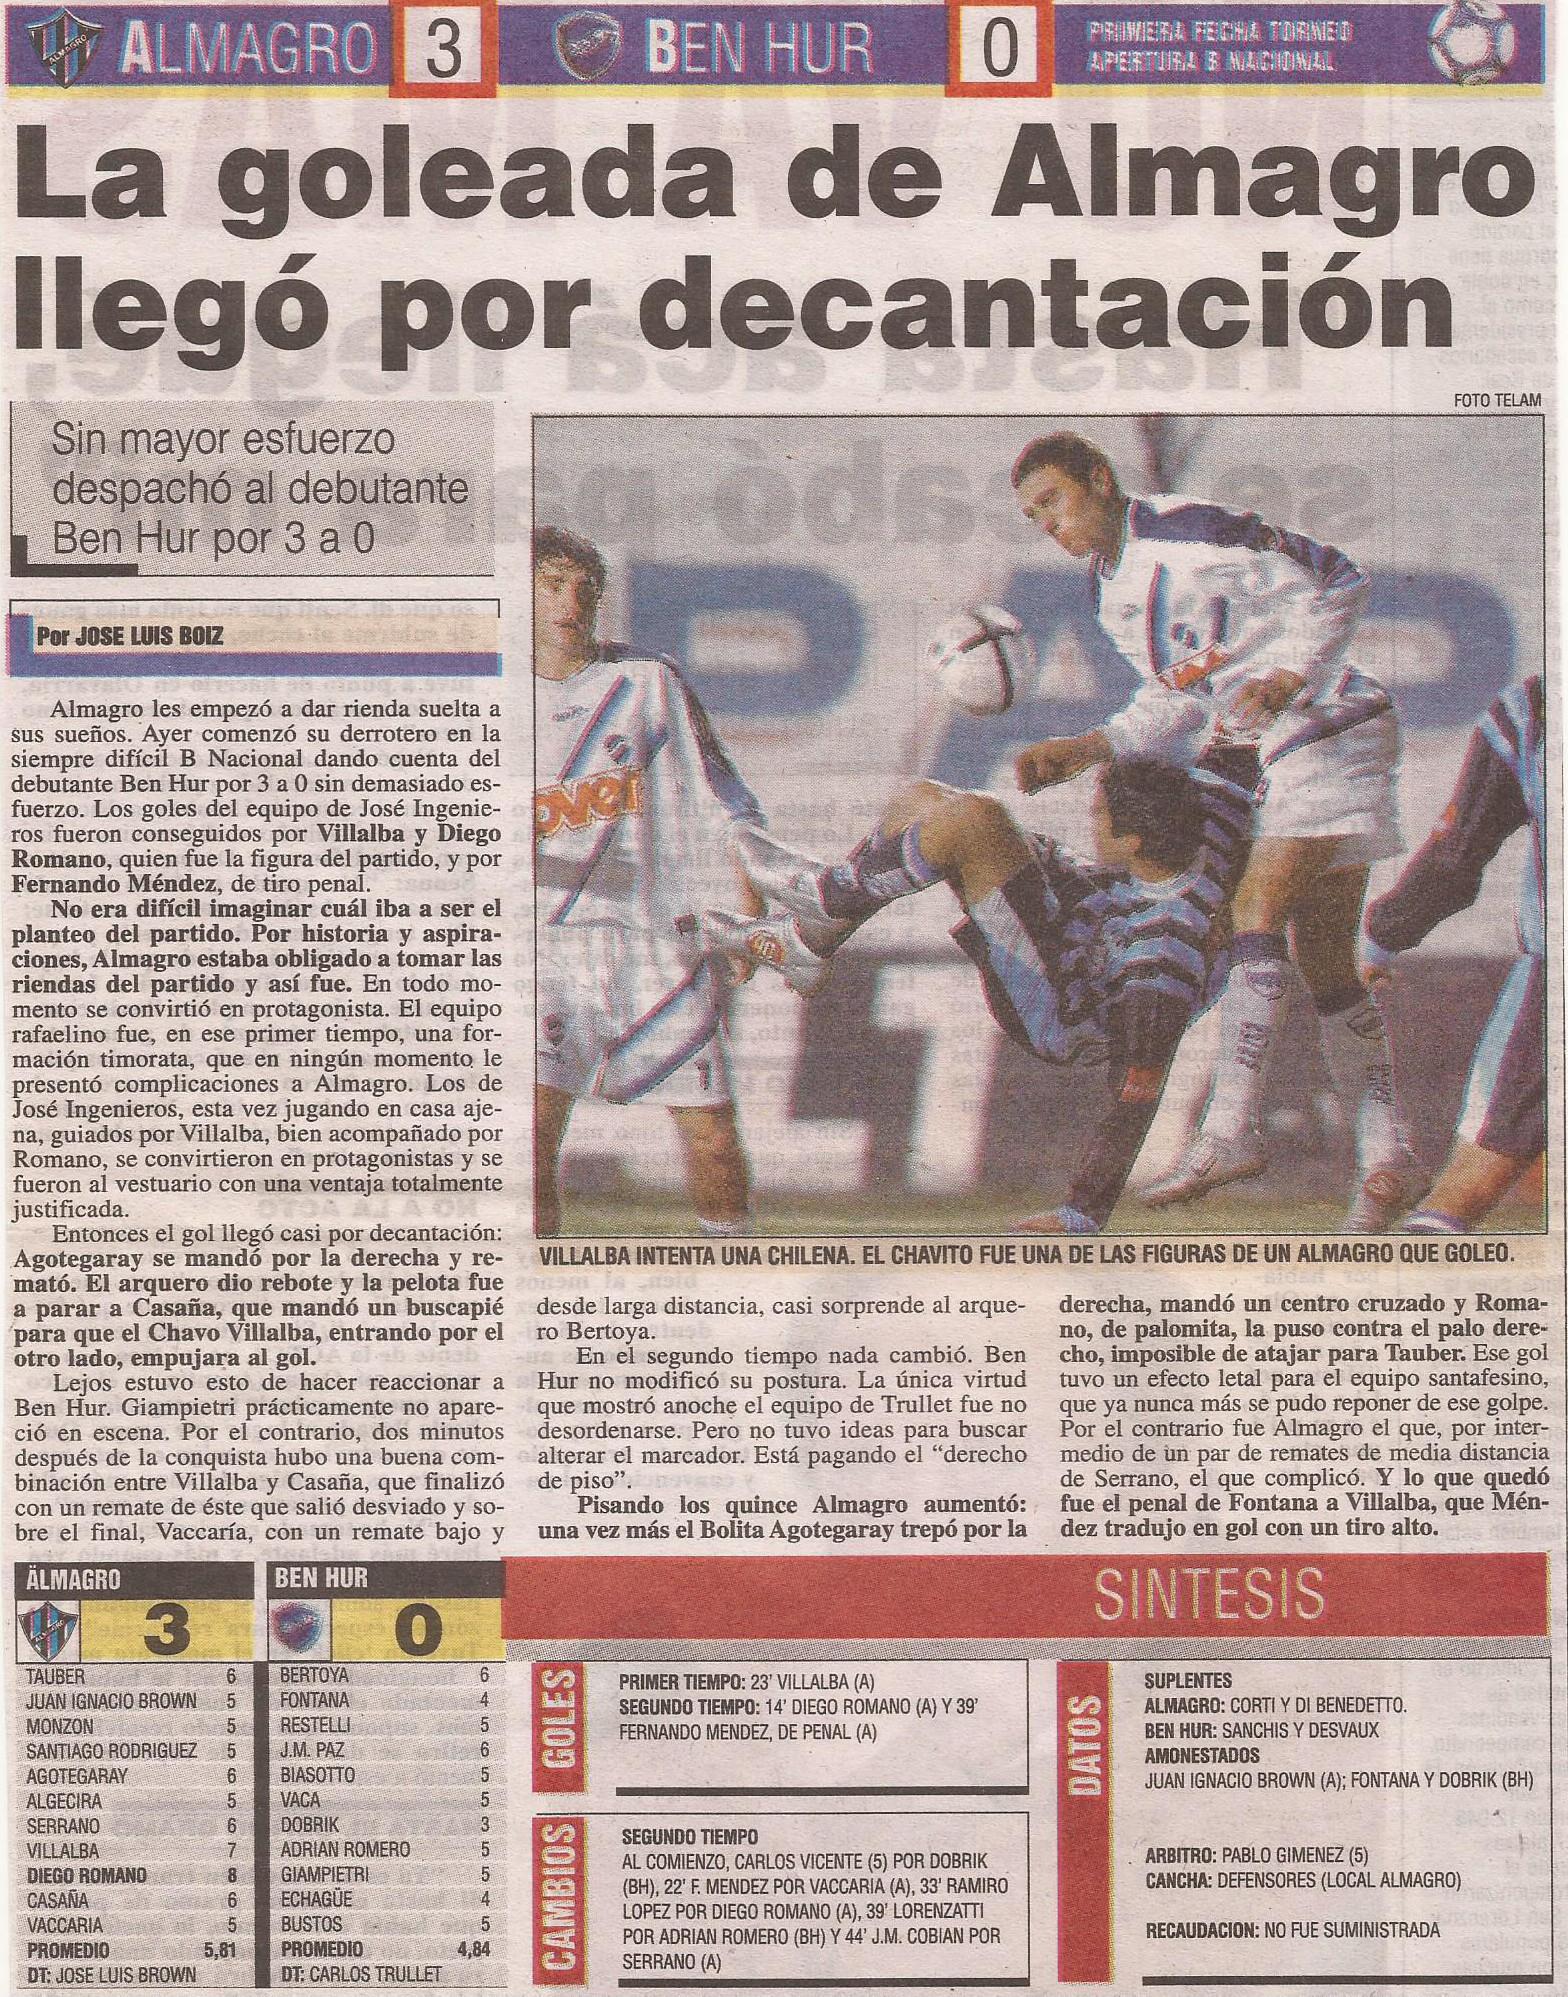 2005-06 Nacional B - Almagro vs Ben Hur - Diario Popular